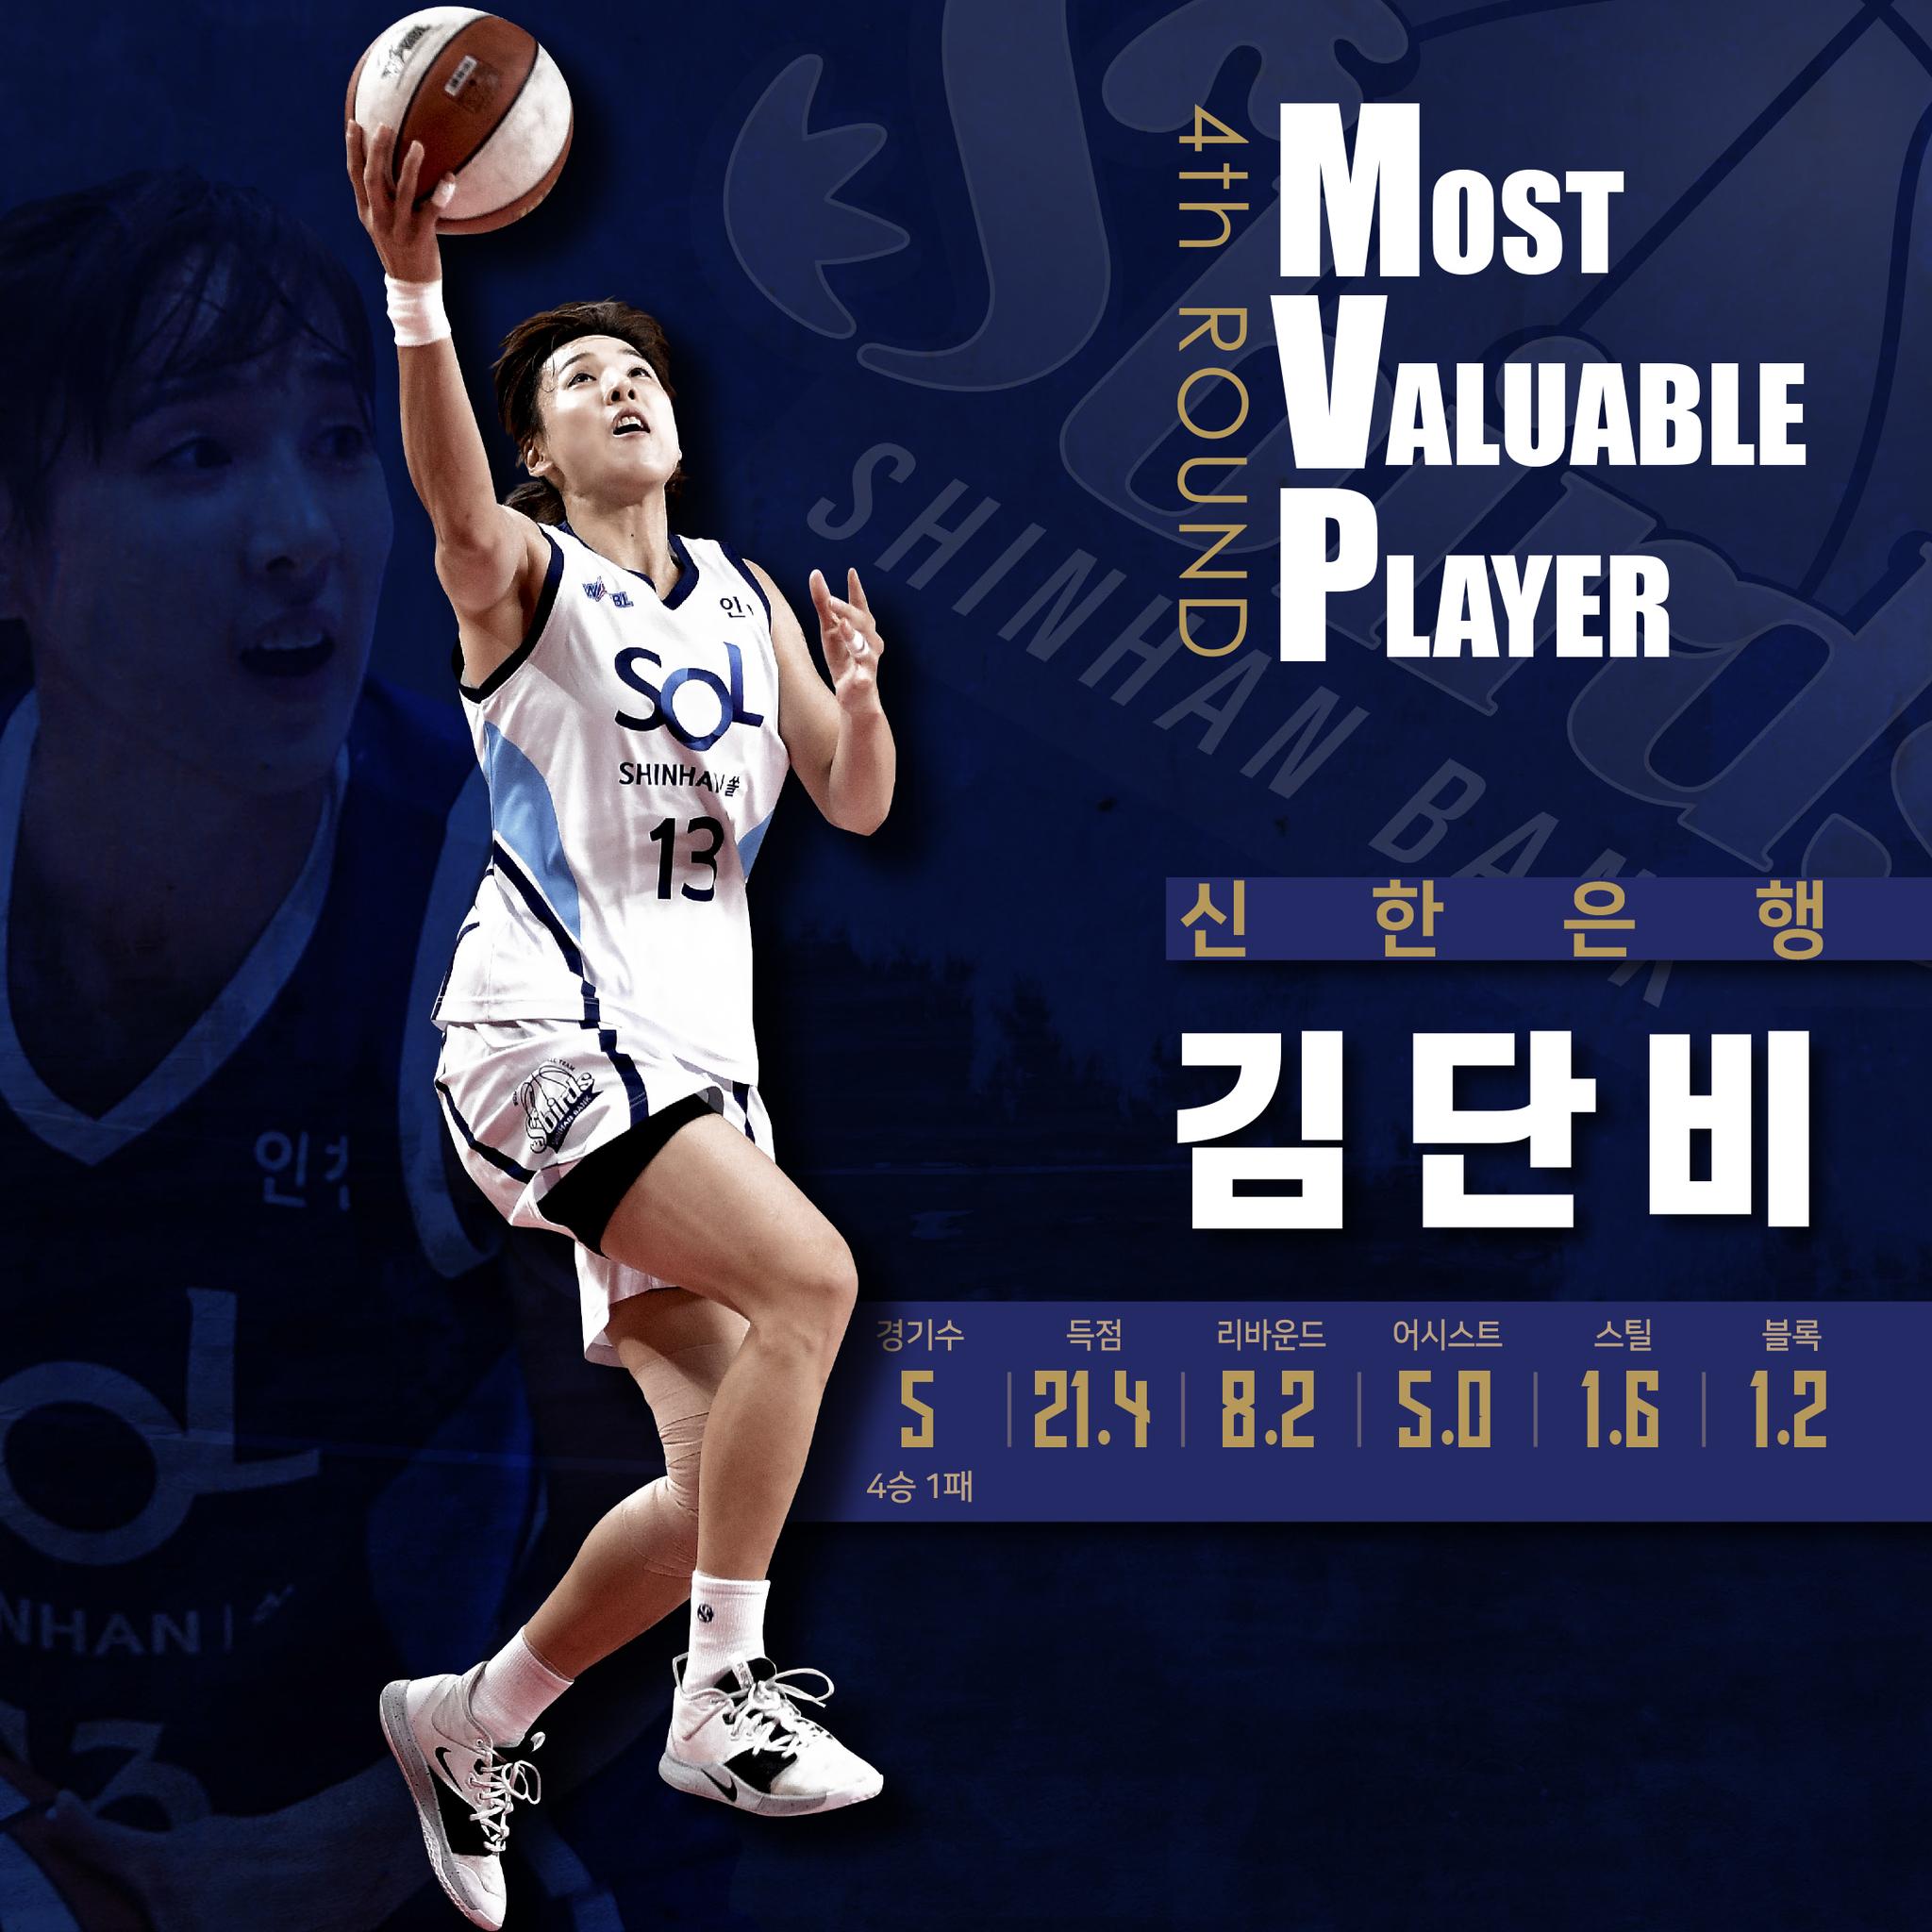 여자프로농구 4라운드 MVP를 수상하 김단비. [사진 WKBL]